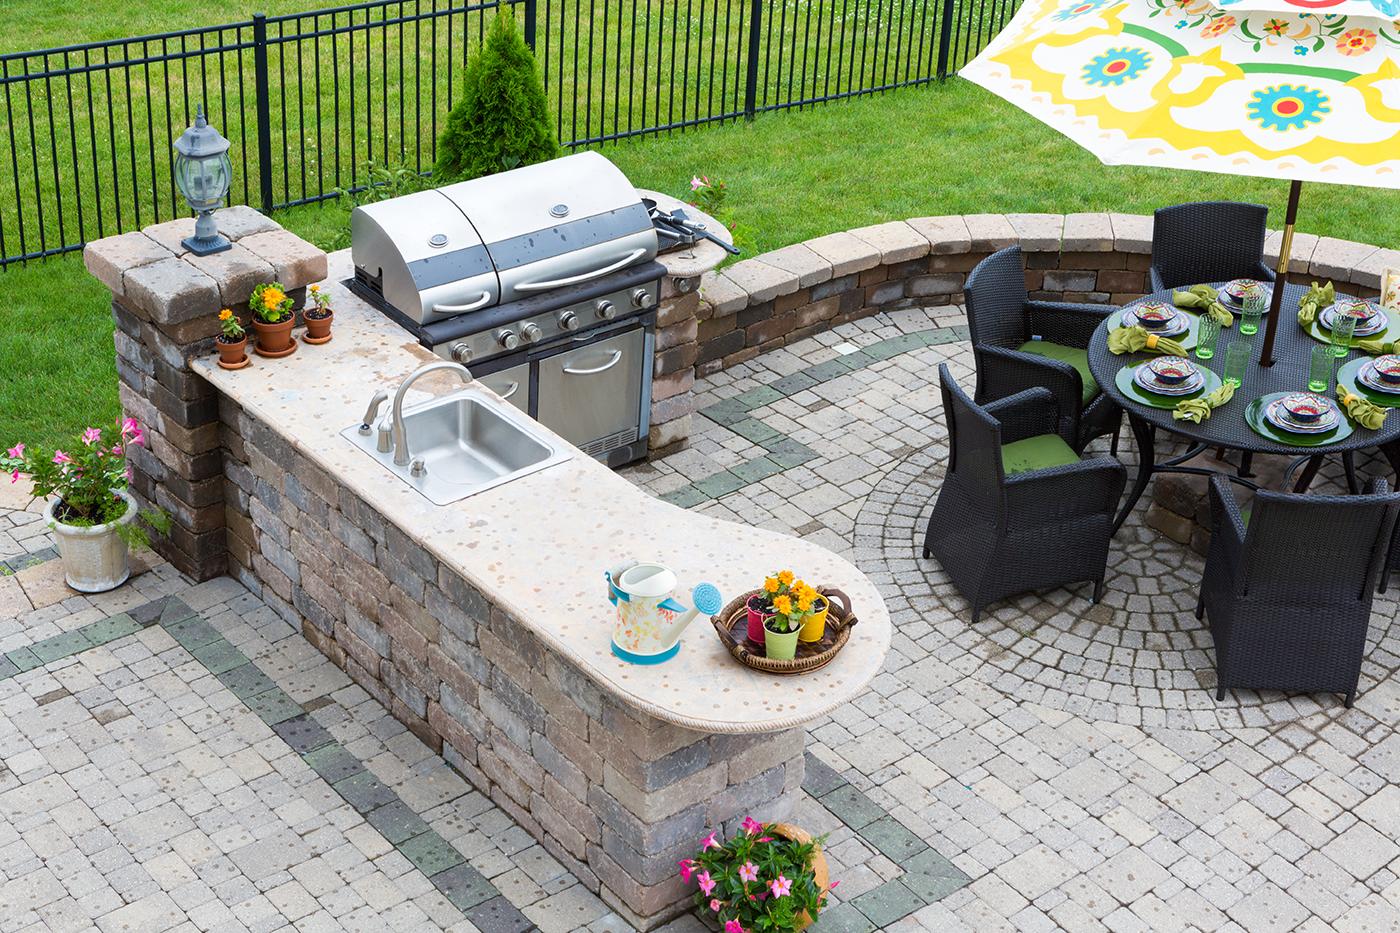 How to Make Your Backyard More Useful & Enjoyable Thumbnail